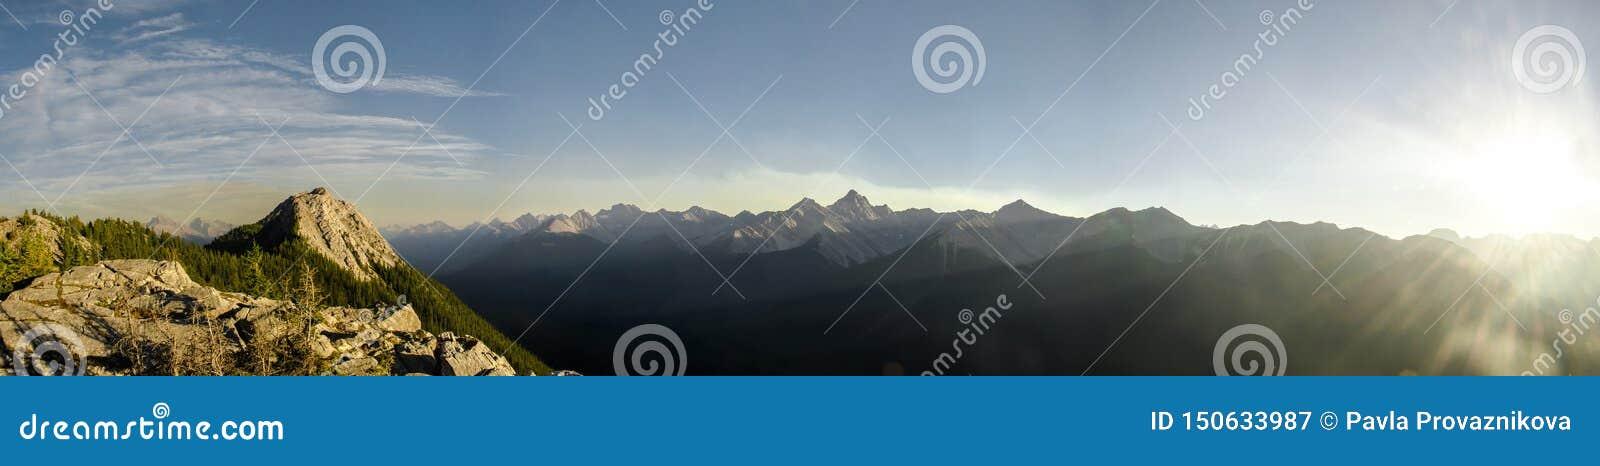 Immer währender Gebirgszug nahe bei der Banff-Gondel in Rocky Mountains